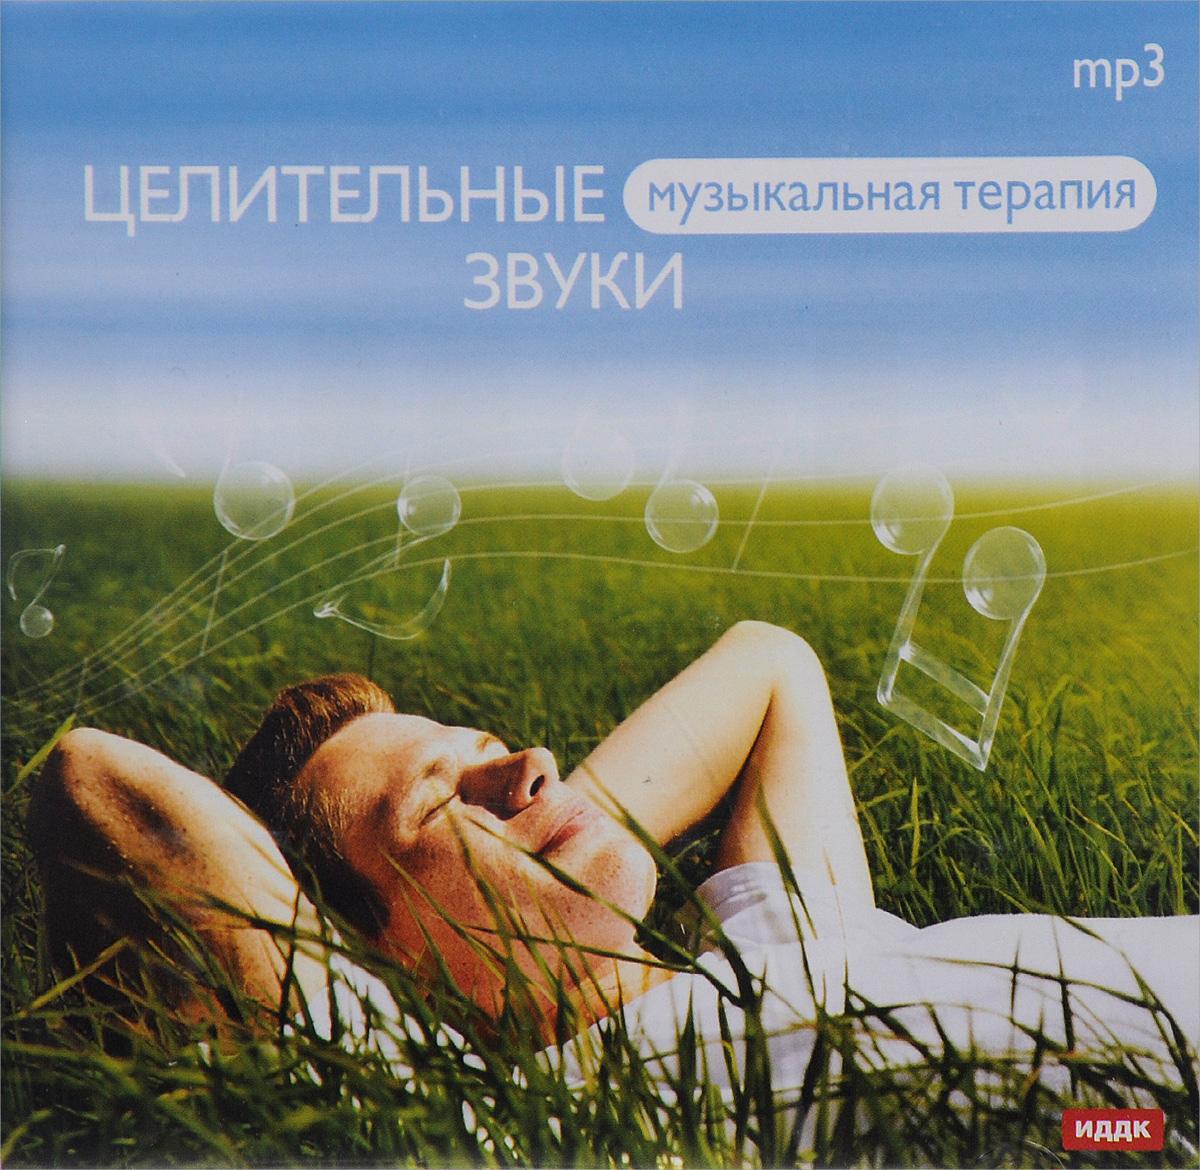 Zakazat.ru Музыкальная терапия. Целительные звуки (mp3)